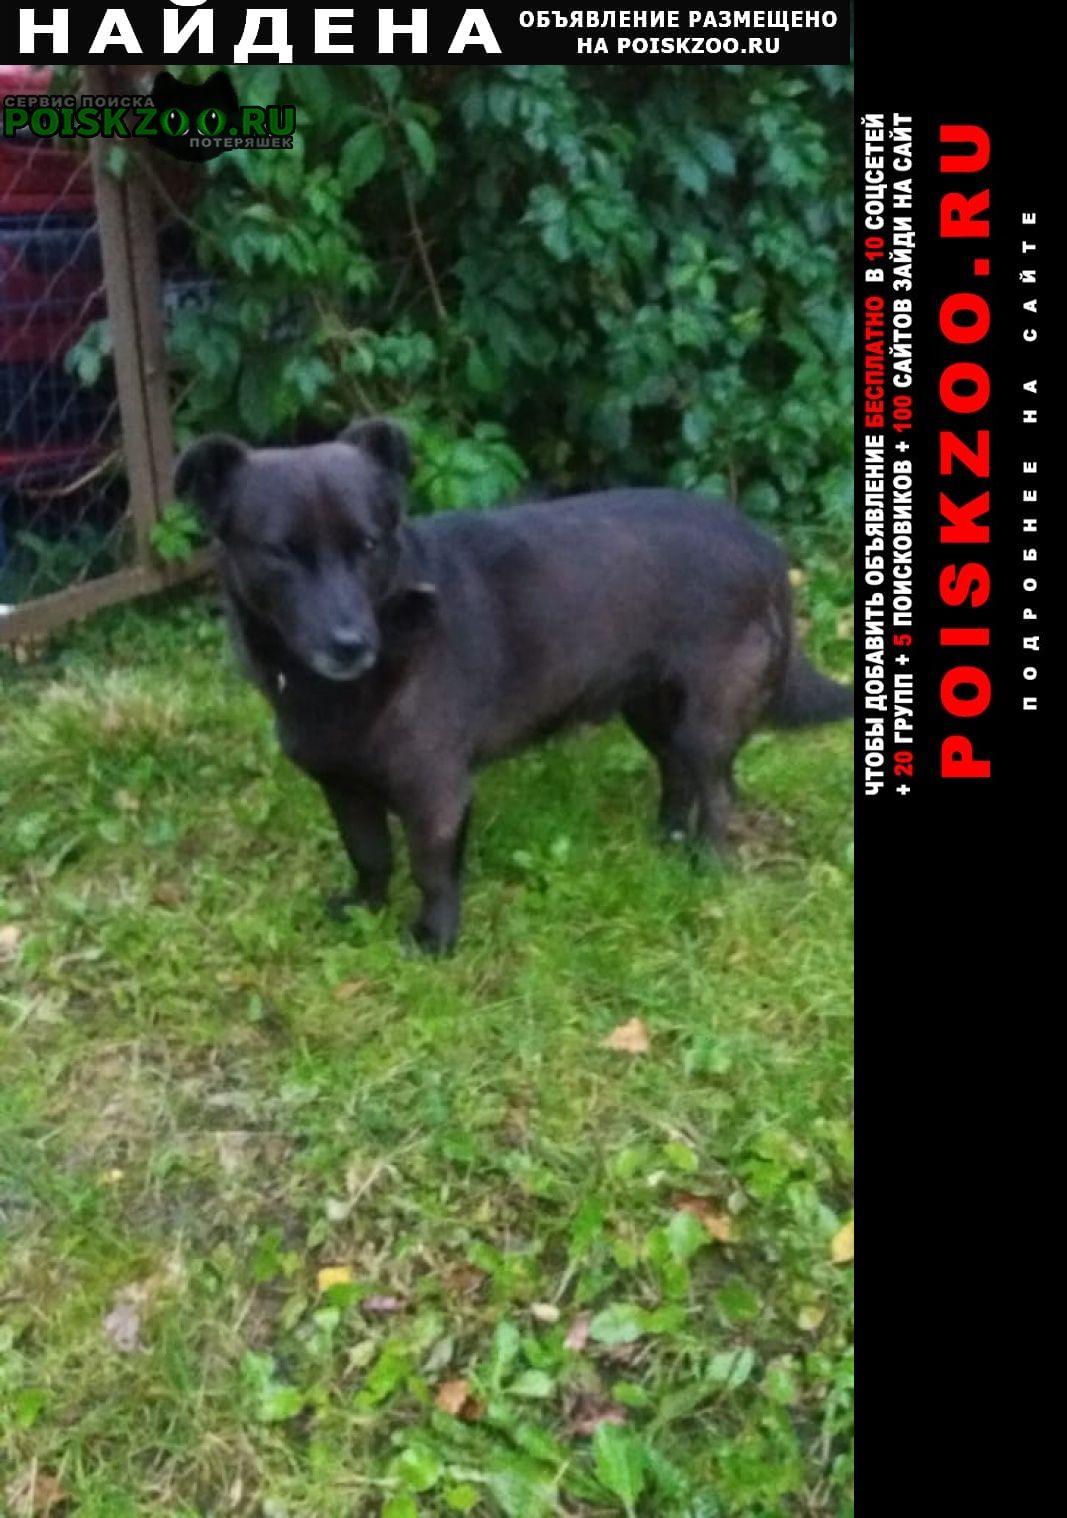 Найдена собака черная маленькая с ошейником Чехов